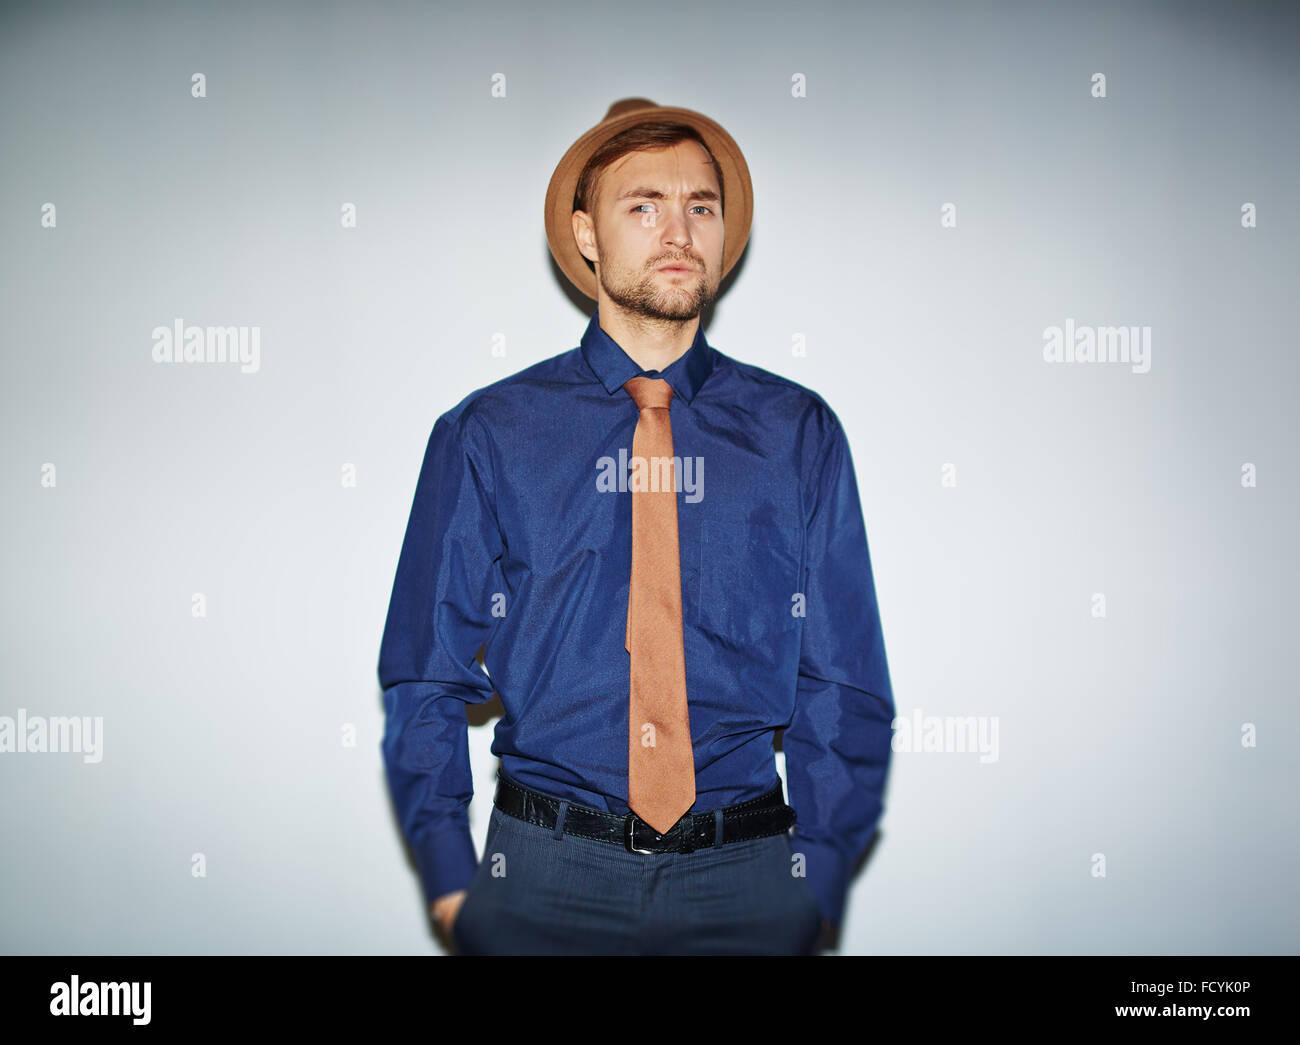 nuovo concetto 96c4c b3b2f Uomo elegante in hat, cravatta e camicia blu guardando la ...